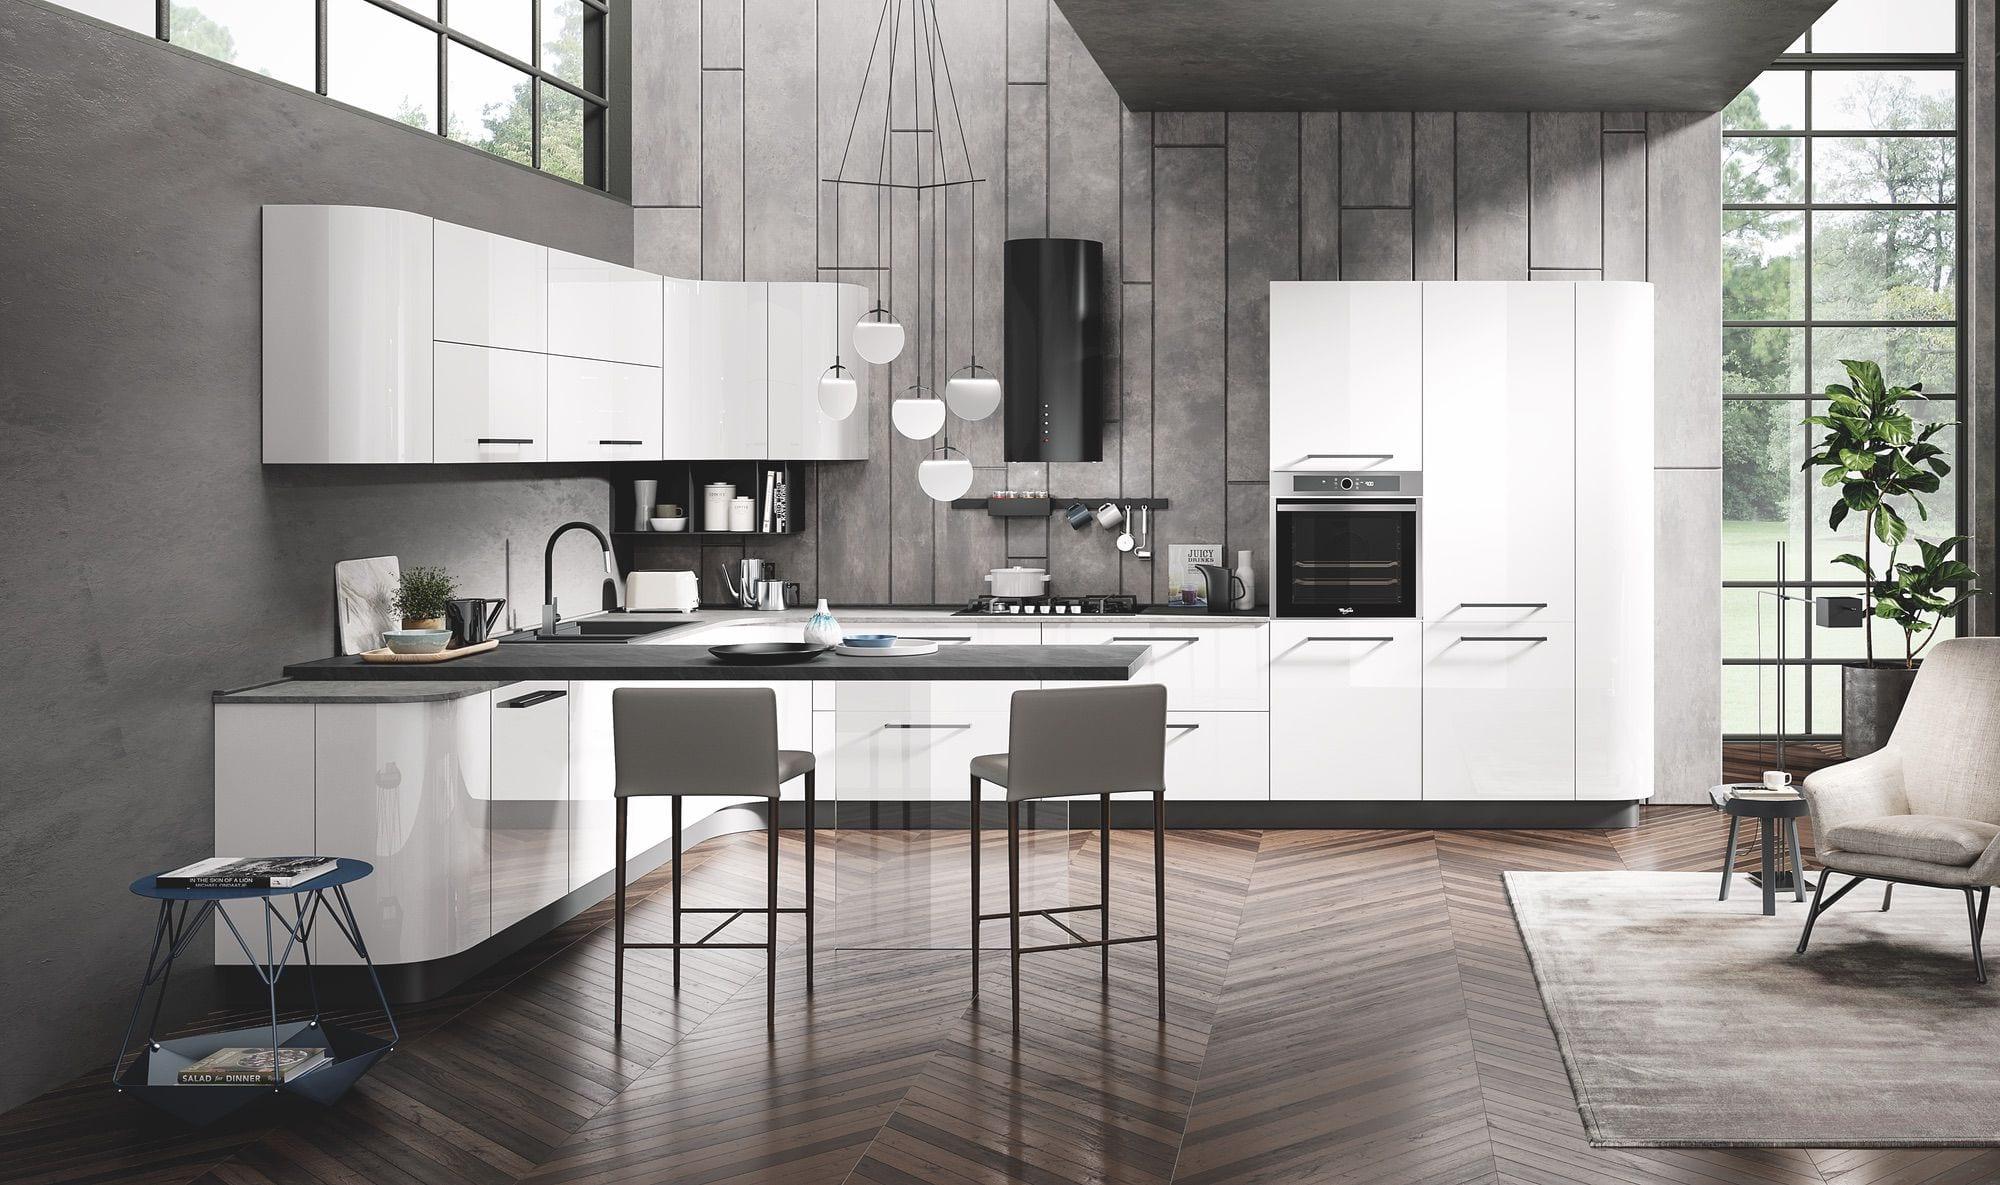 Cucine con isola, soluzioni di tendenza per un design ...